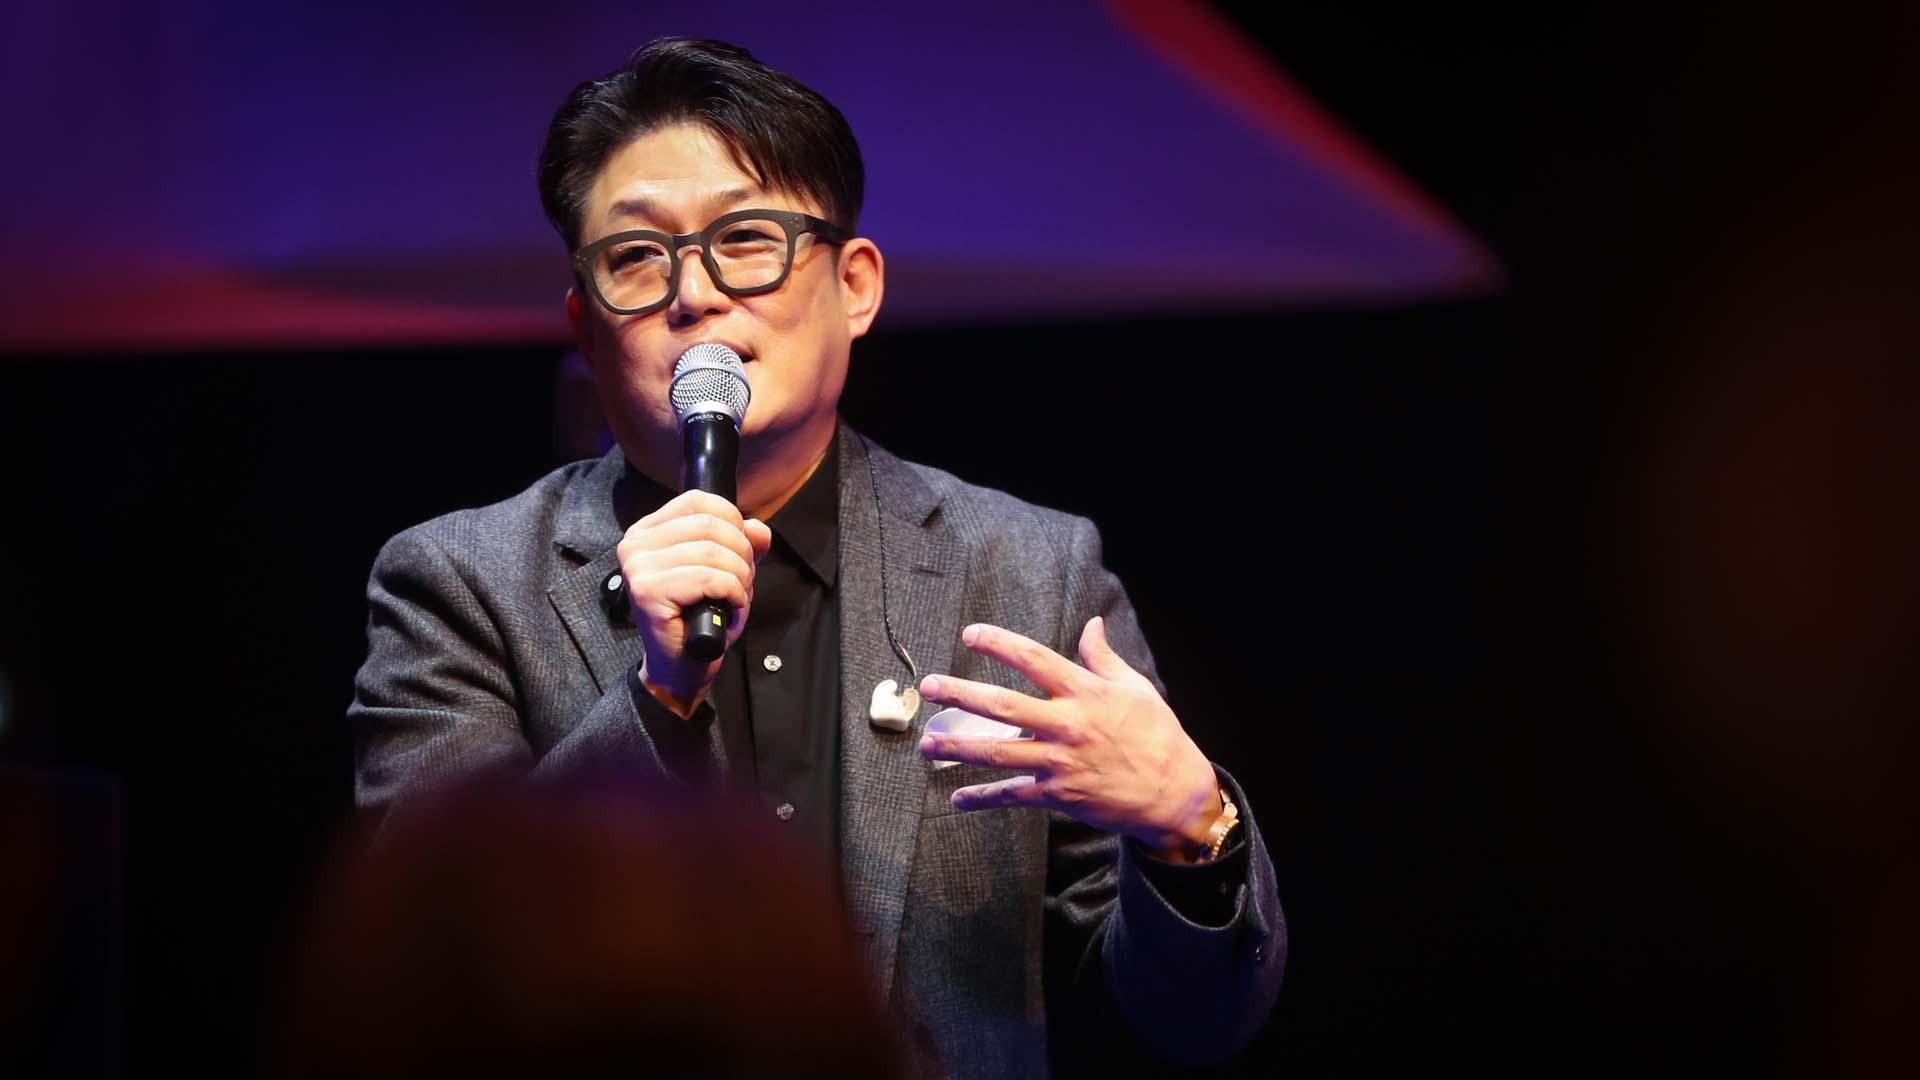 '시티팝 장인' 김현철, 13년만의 컴백